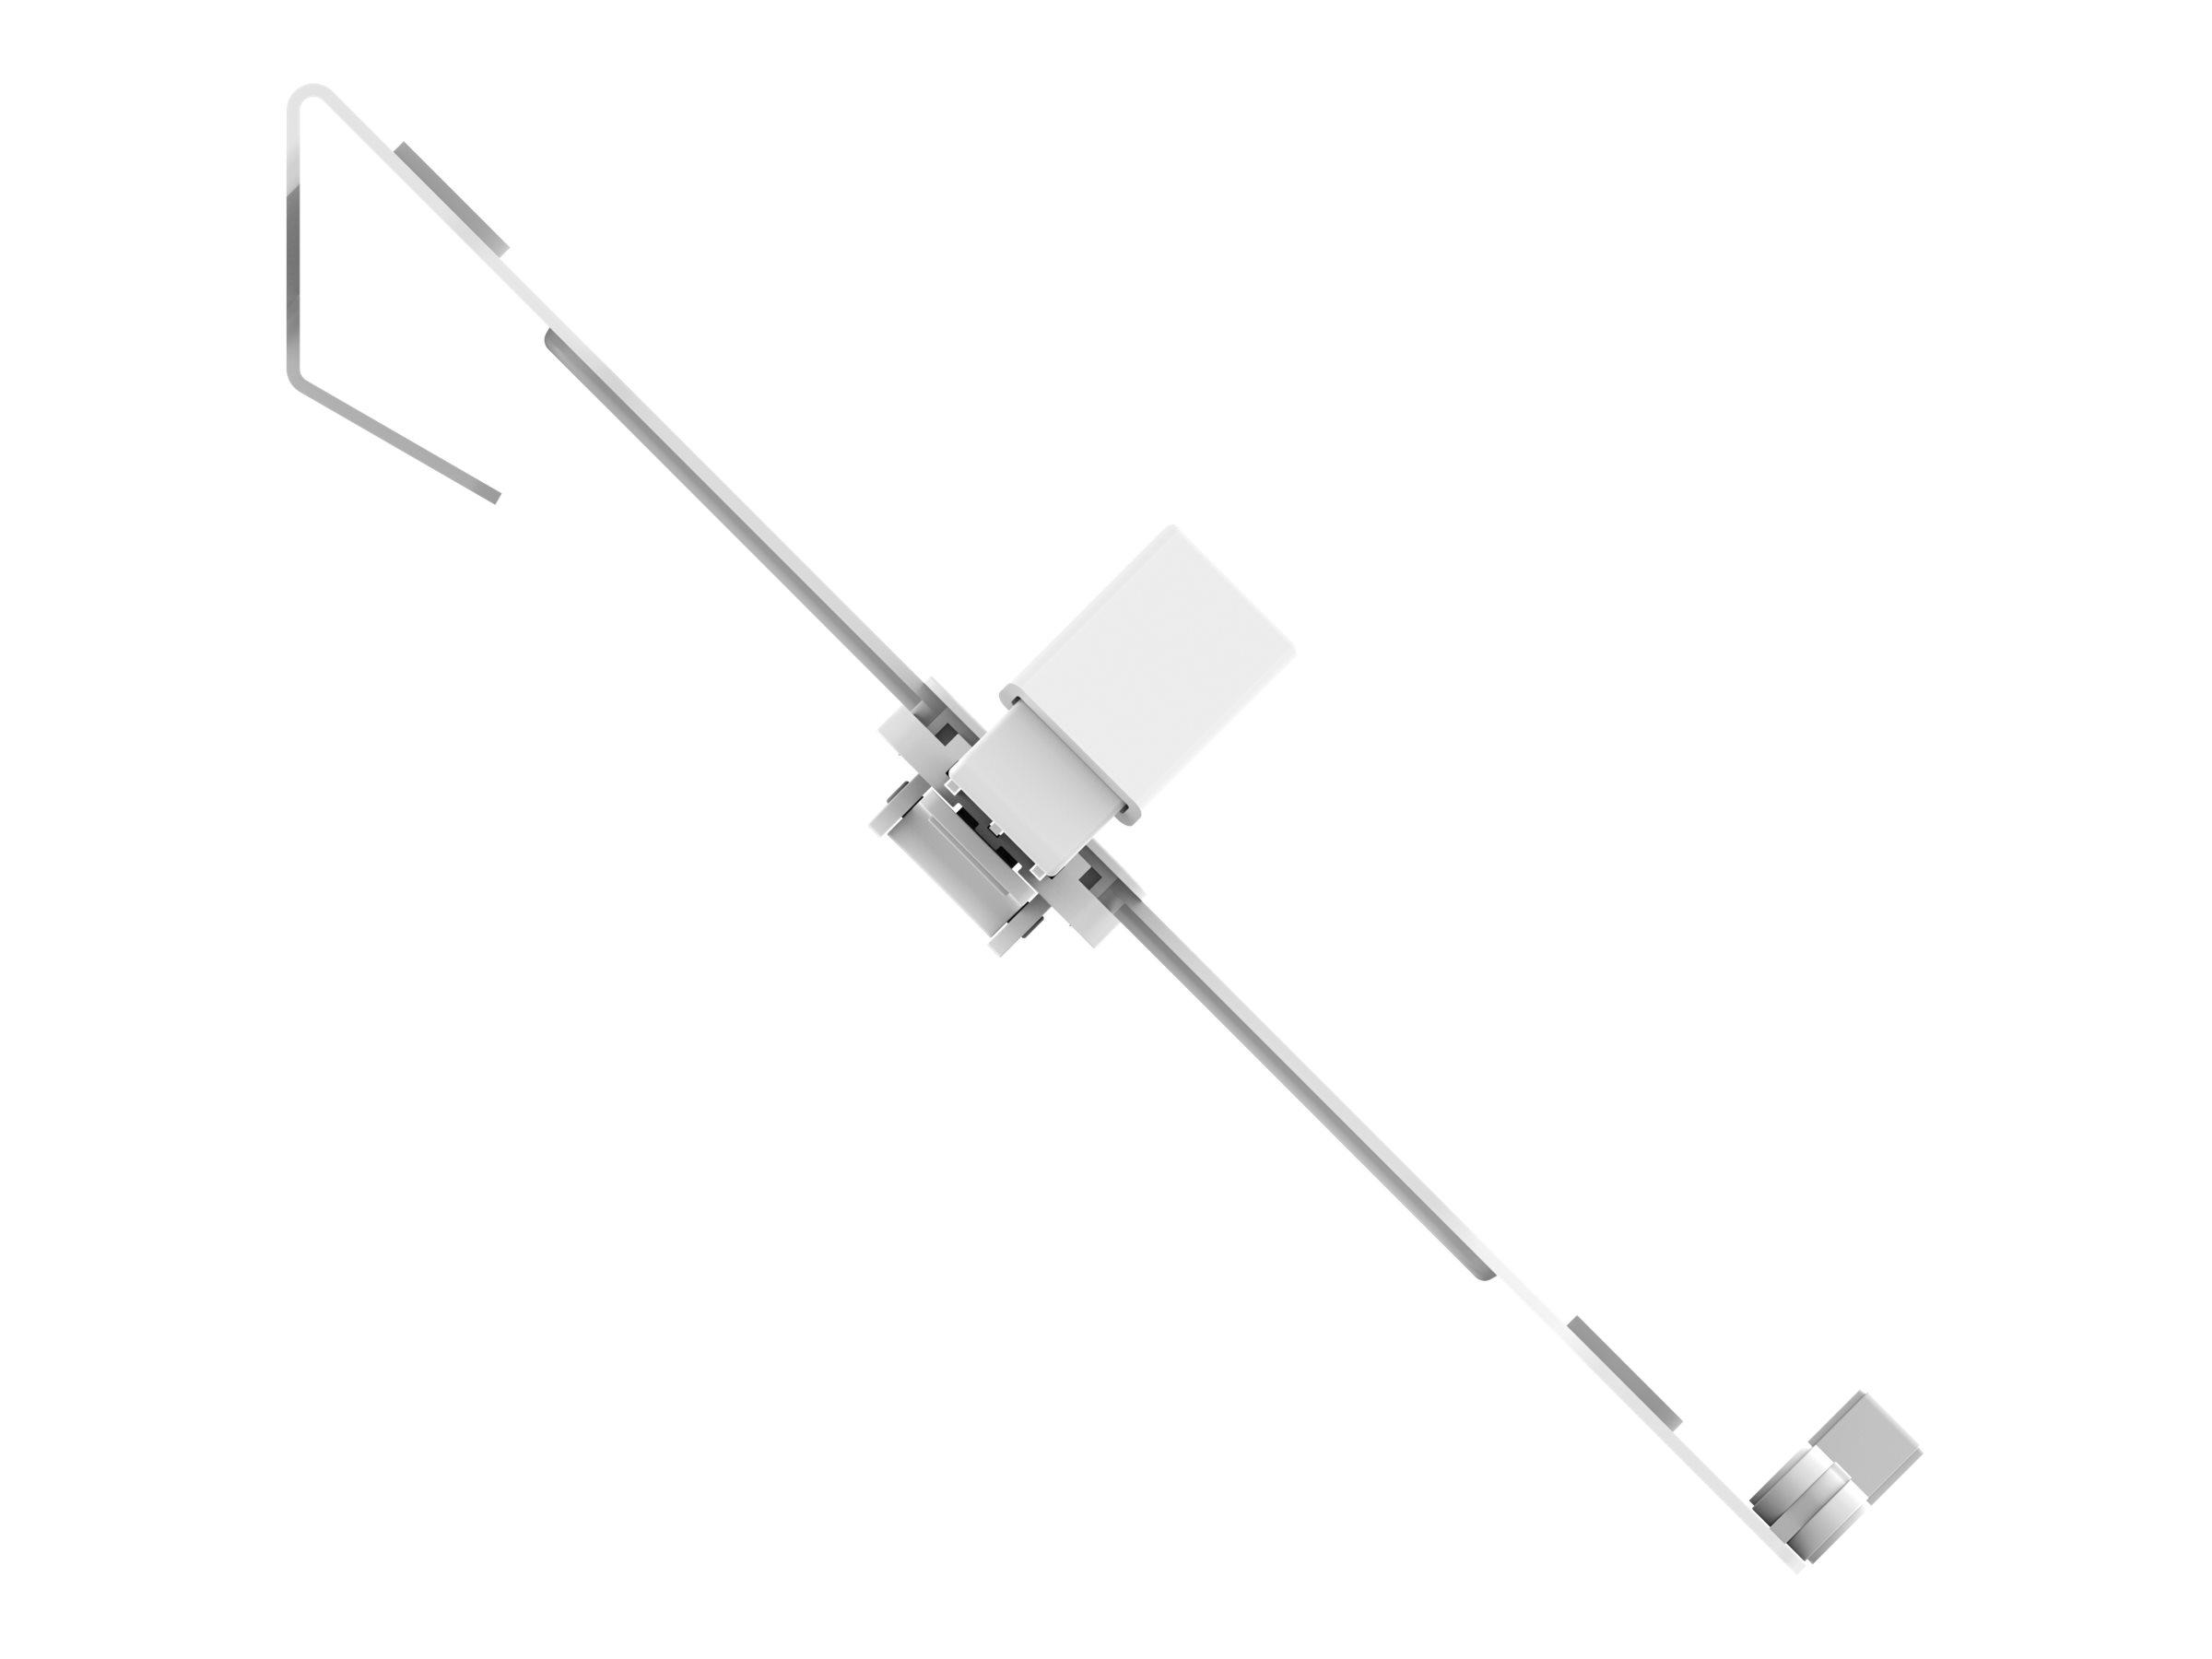 Vision VFM-DPD Monitor Desk Post - Tischhalterung für 2 LCD-Displays - Stahl - weiss - Bildschirmgrösse: 33-68.6 cm (13